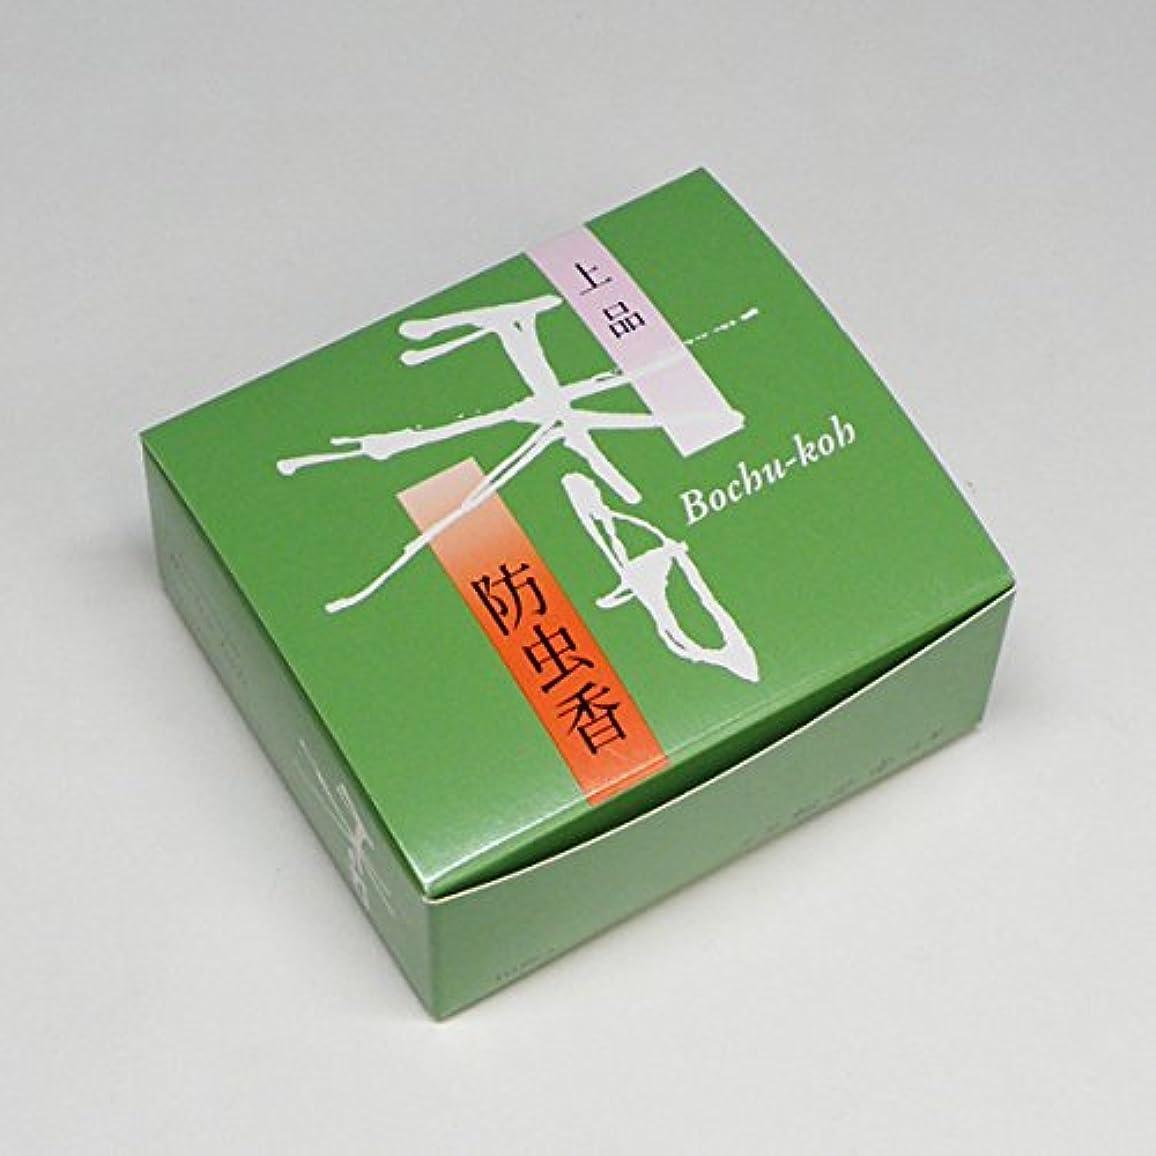 元に戻するあいさつ【茶道/香】 松栄堂/防虫香(上品)